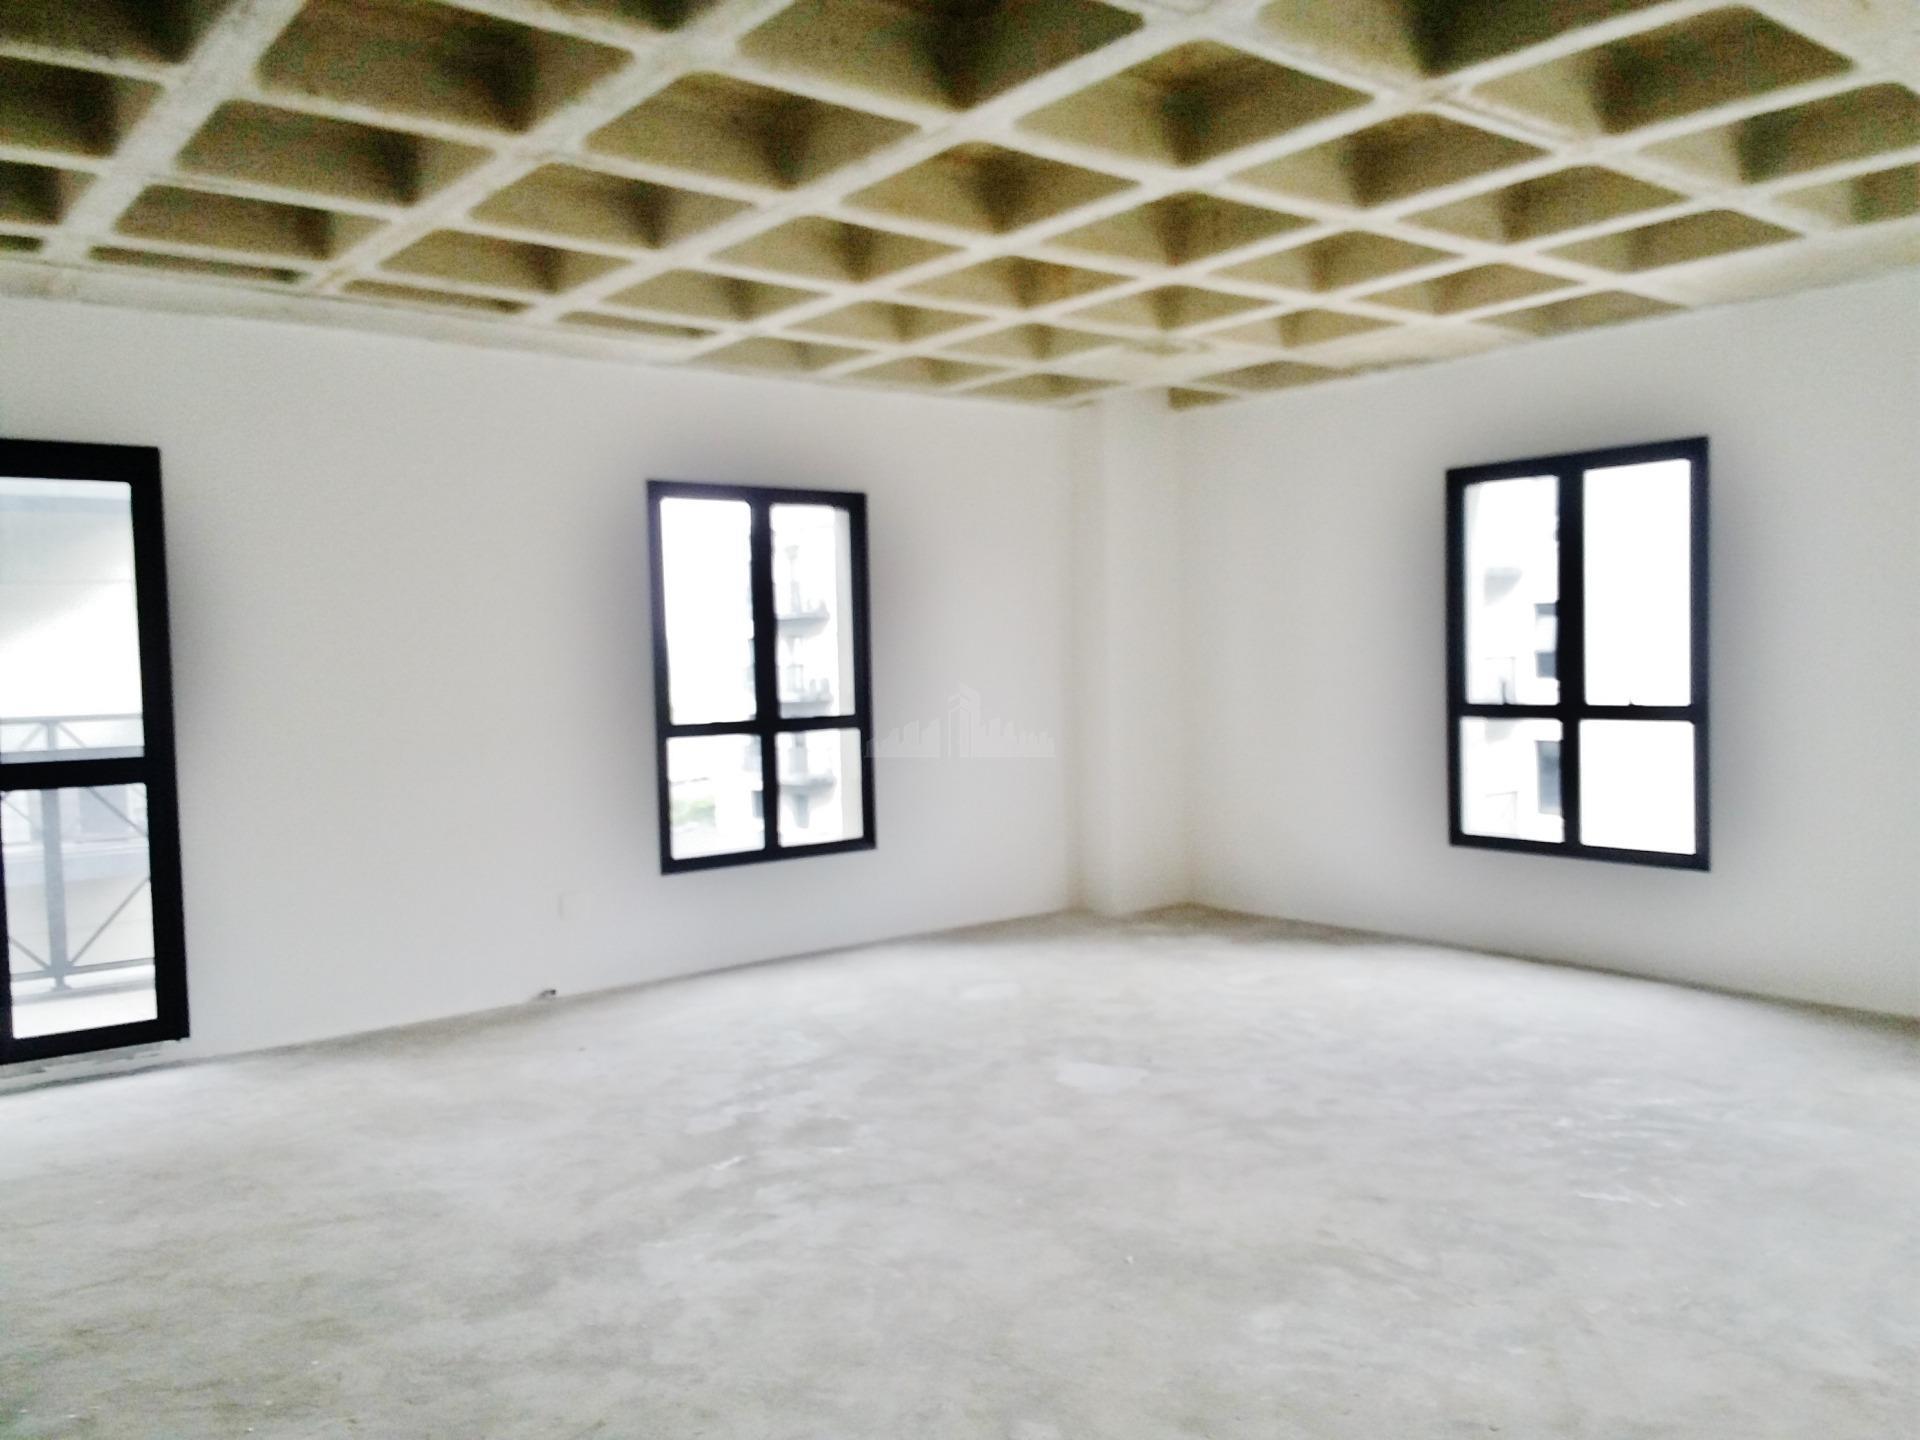 Conjunto à venda, 59 m² por R$ 591.900 - Alto de Pinheiros - São Paulo/SP